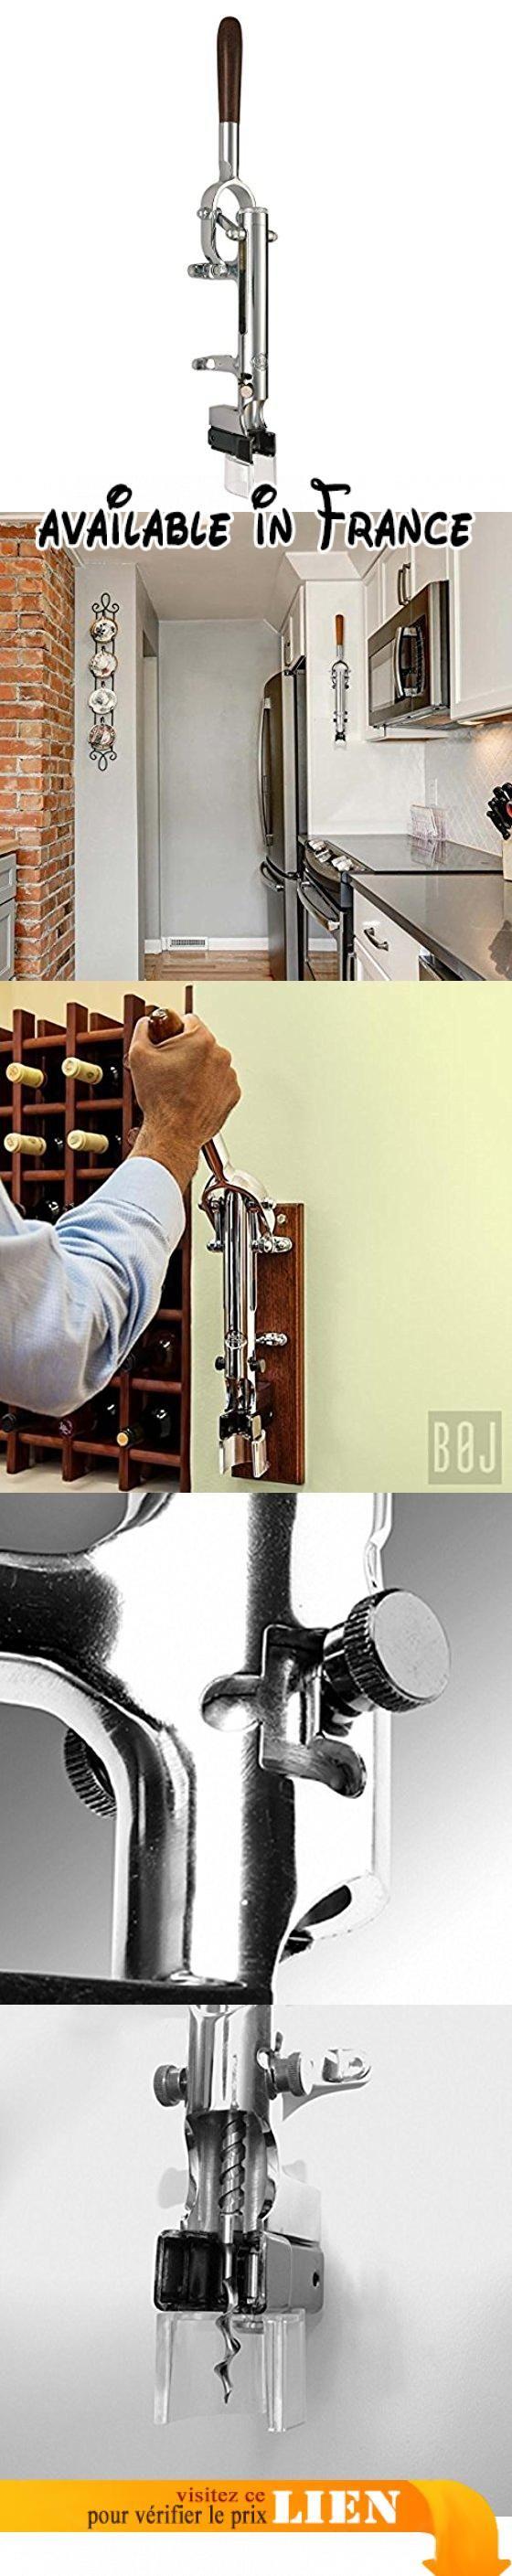 Tire-bouchon Professionnel Mural BOJ (Chromé argent). FONCTIONNEMENT: Le levier de déclenchement mesure 30 centimètres dans le but de maximiser la puissance d'extraction. La hauteur totale du tire-bouchon est de 55 centimètres. Pour lancer le processus il faut placer la bouteille de vin sur le support inférieur. Il n'est pas nécessaire de la soutenir avec la main lors du processus d'extraction du bouchon. Le tire-bouchon mural est conçu et construit d'une façon très